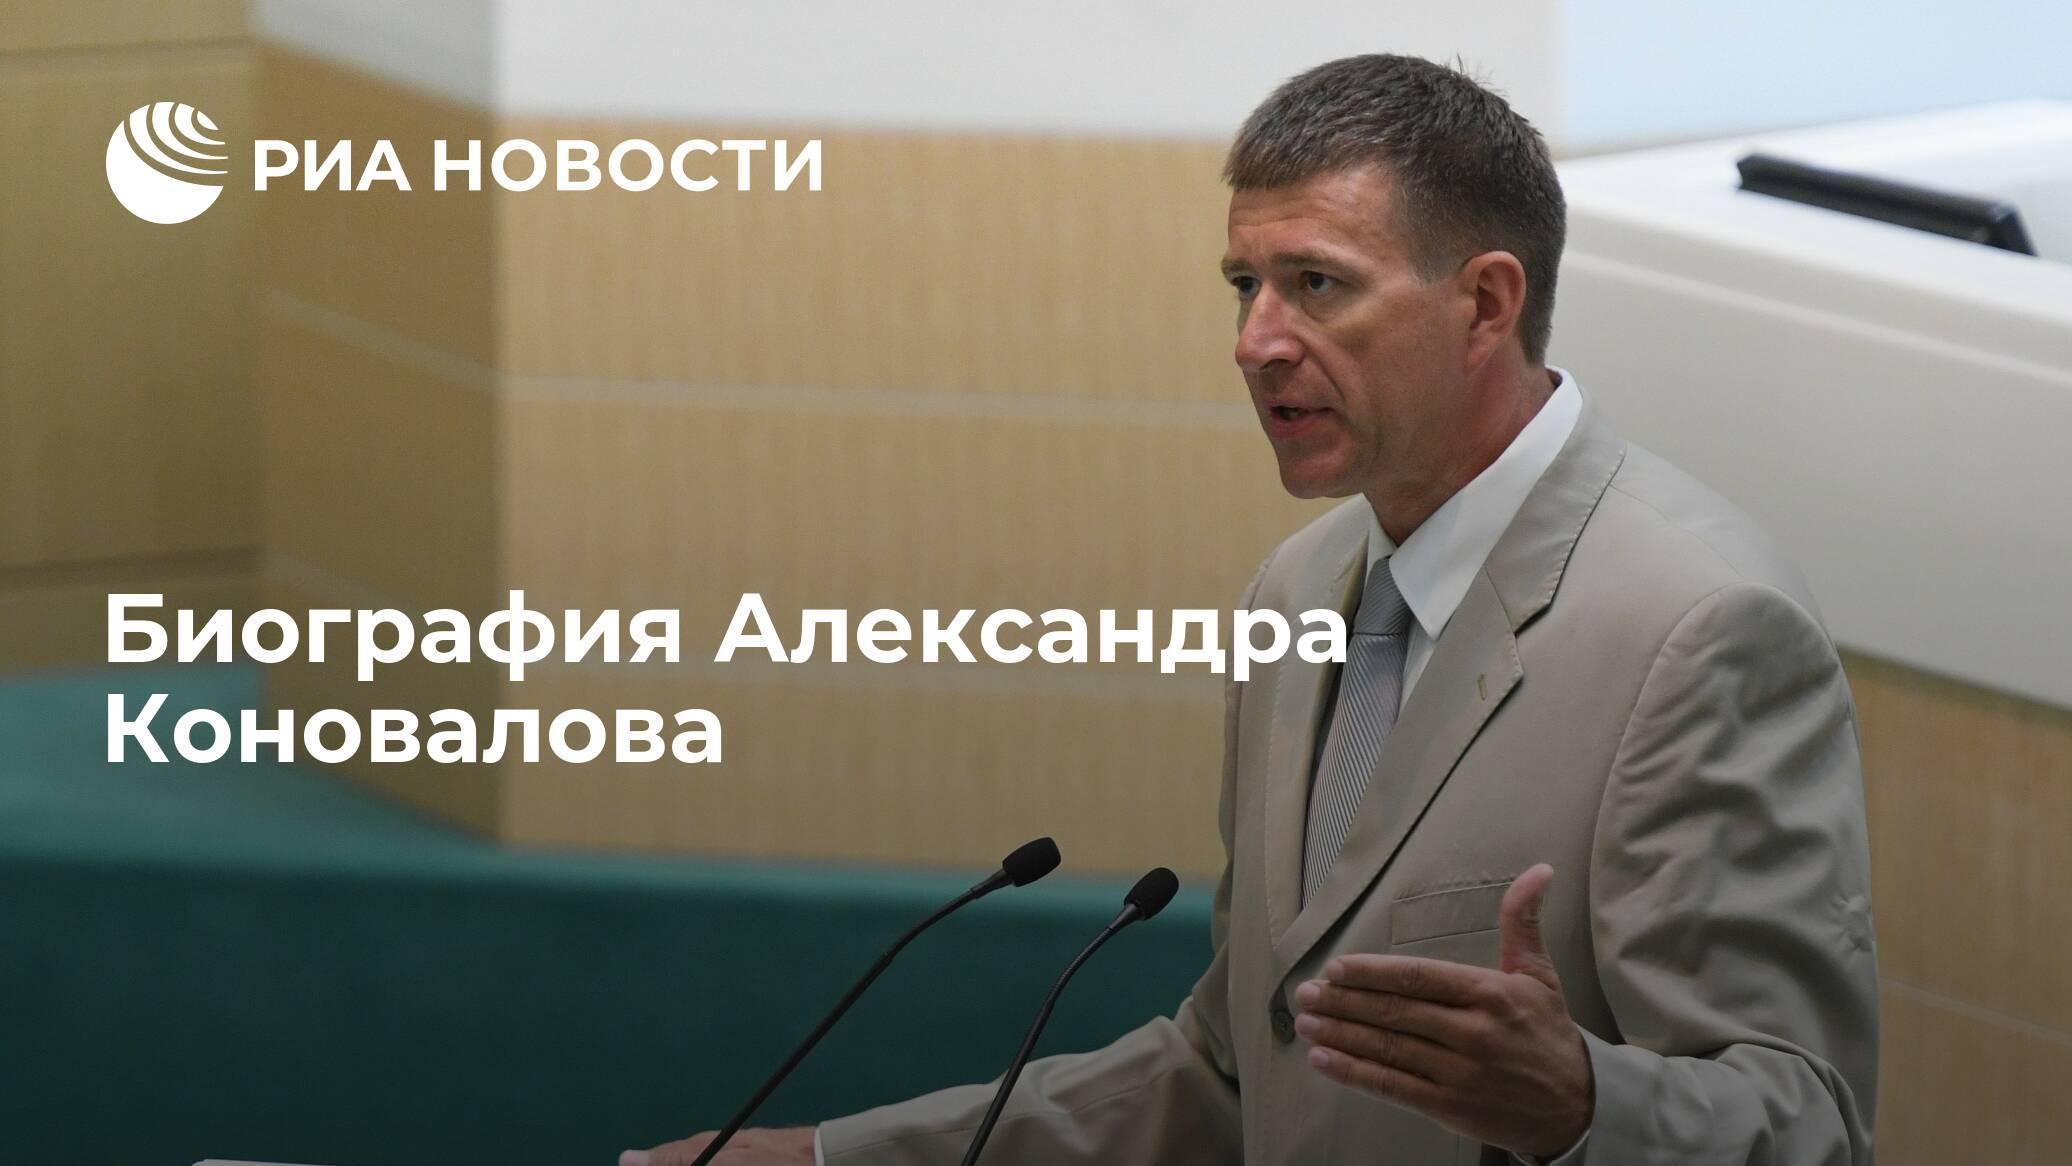 Валентин коновалов – биография, фото, личная жизнь, новости 2021 - 24сми